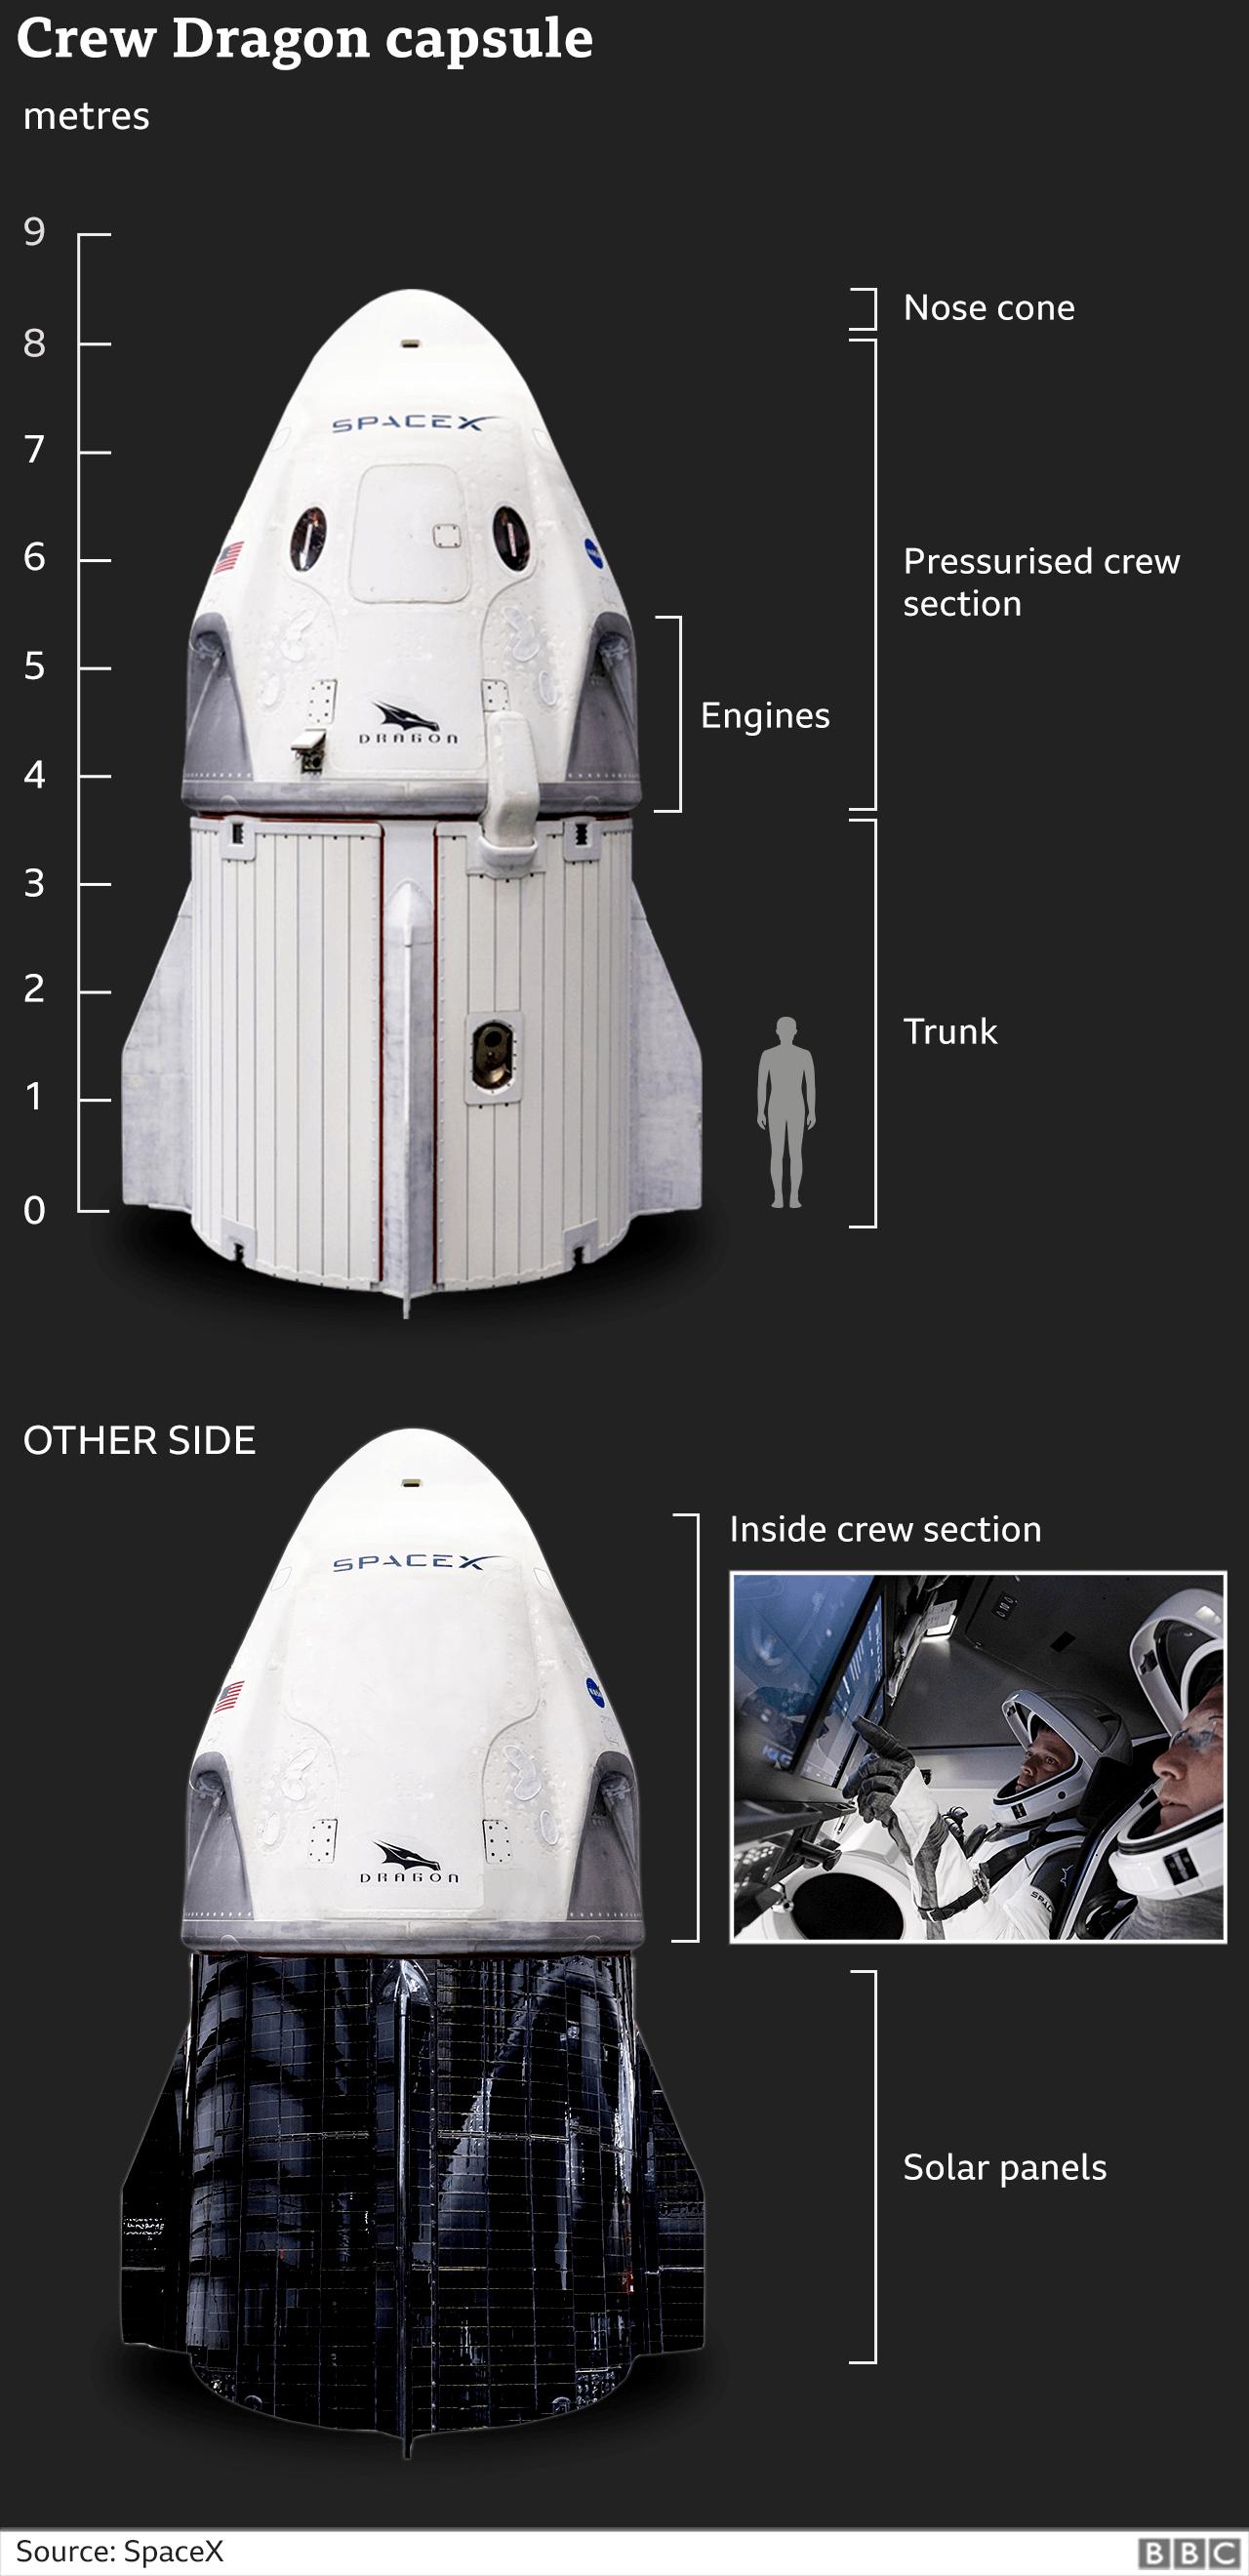 The capsule